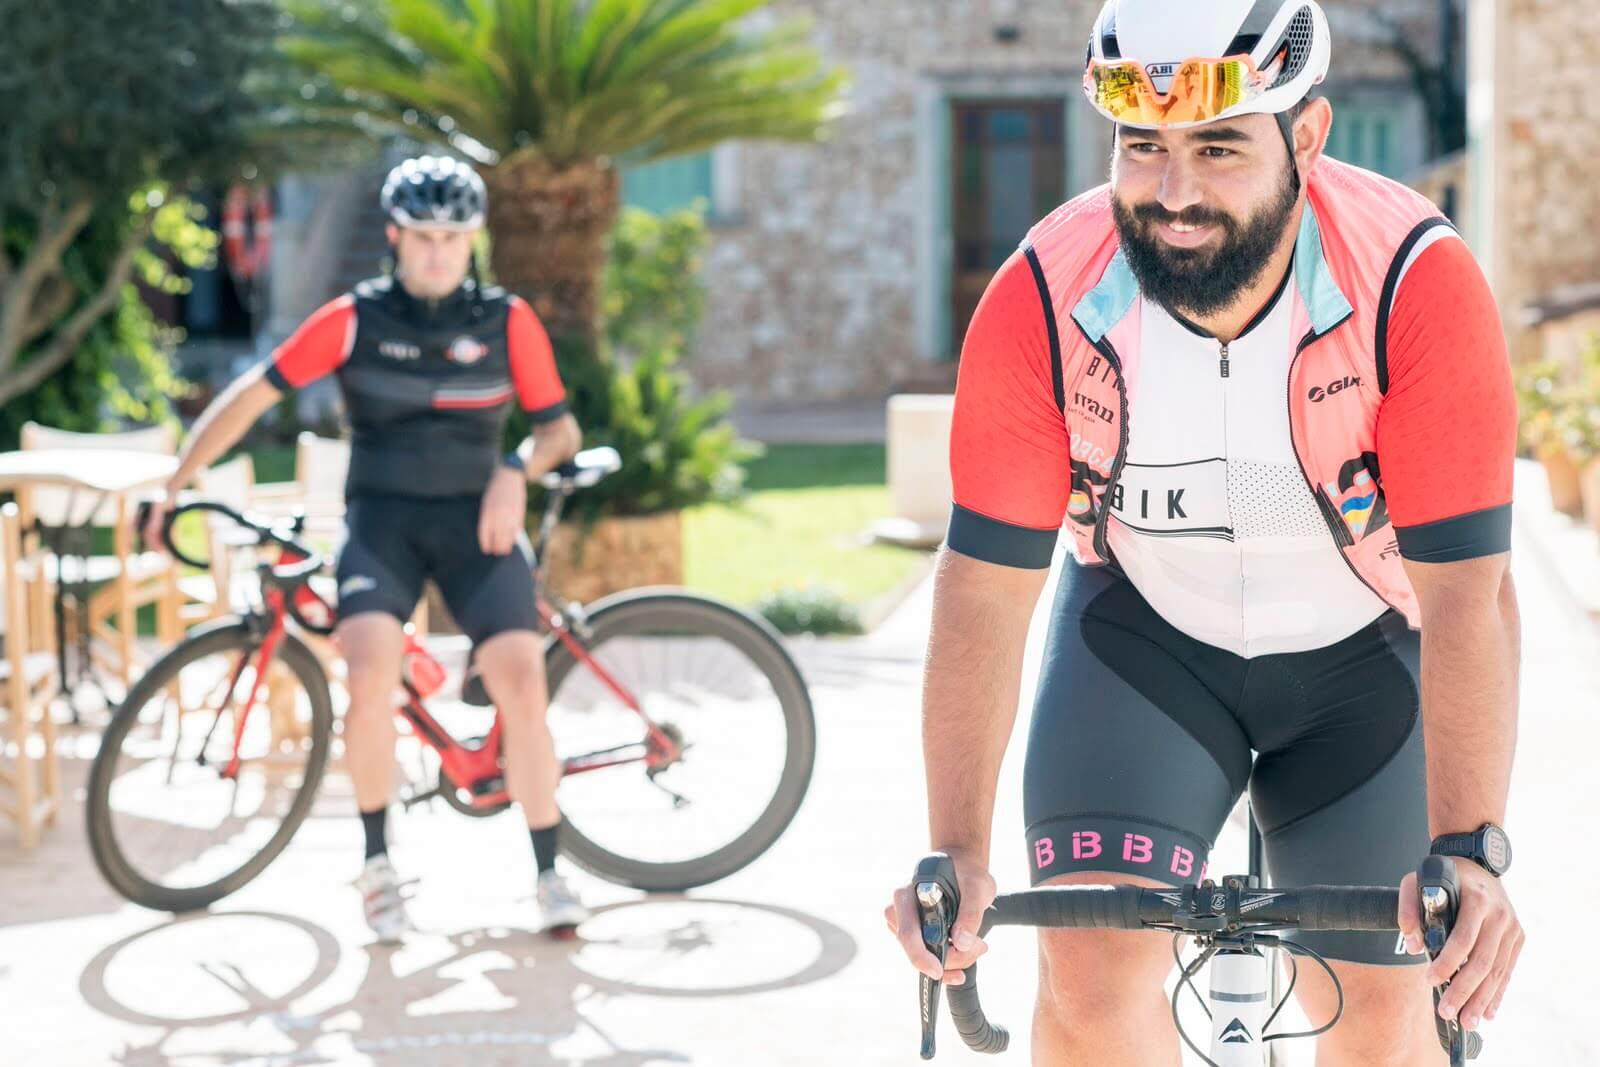 Ciclista en nuestro jardín